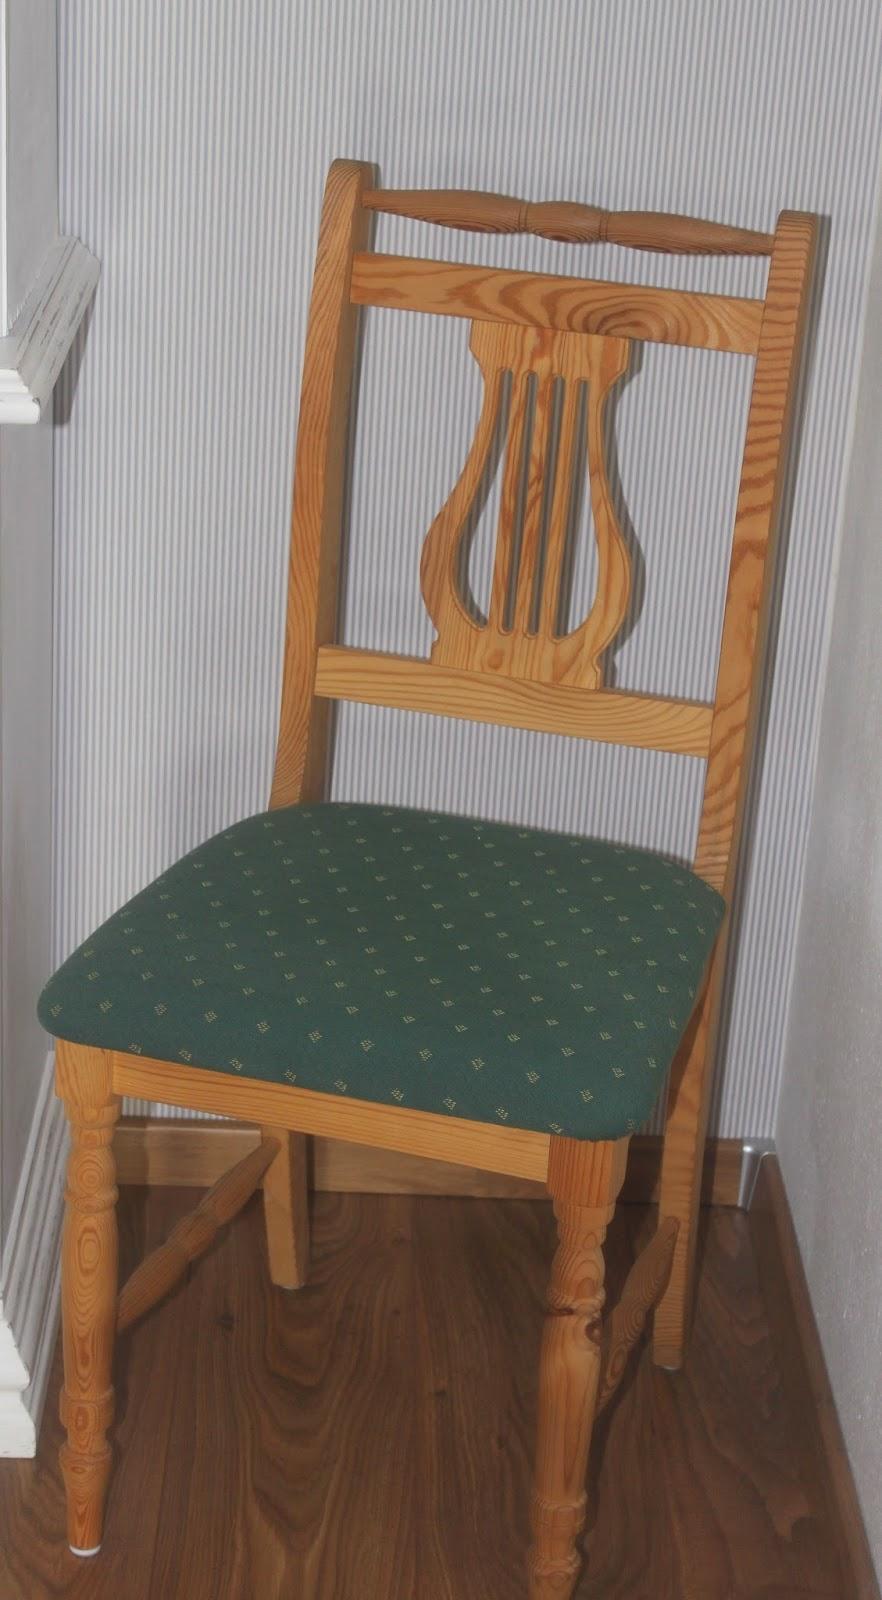 meine kleine gartenwerkstatt m hsam ern hrt sich das. Black Bedroom Furniture Sets. Home Design Ideas